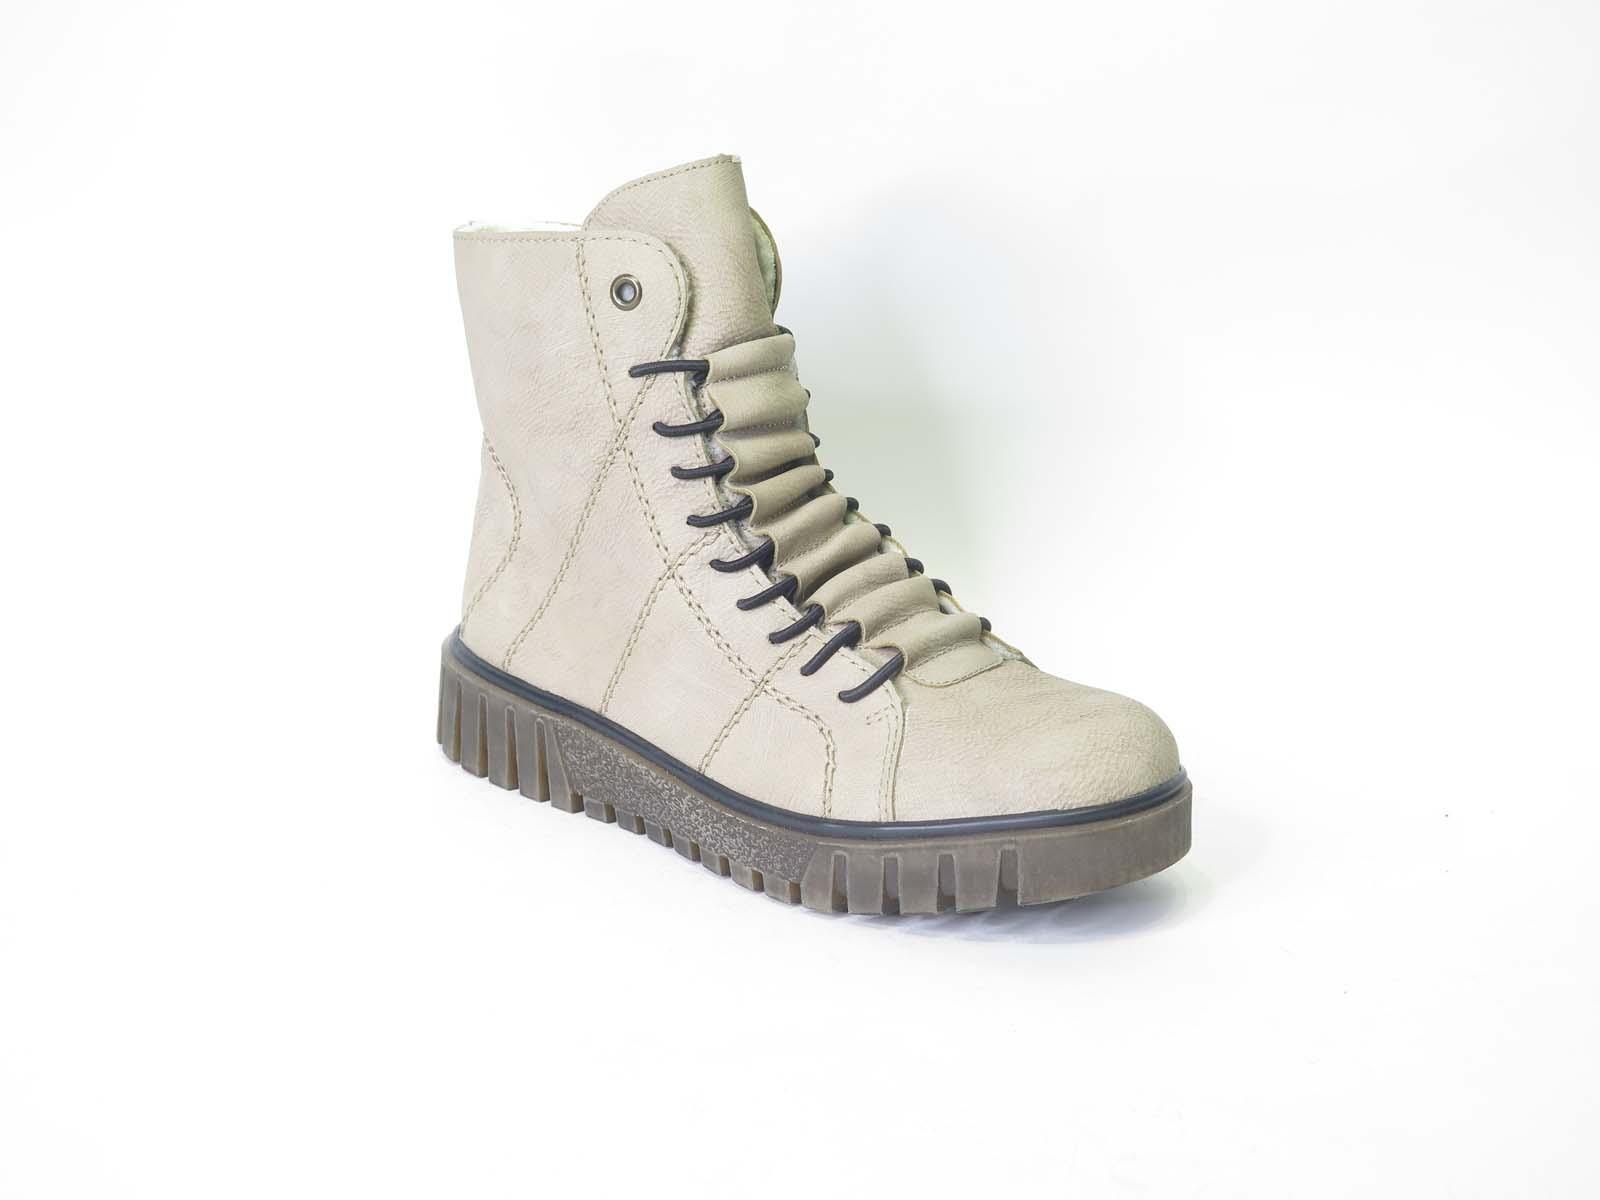 749d79837 Зимние женские ботинки RIEKER | Дом Обуви